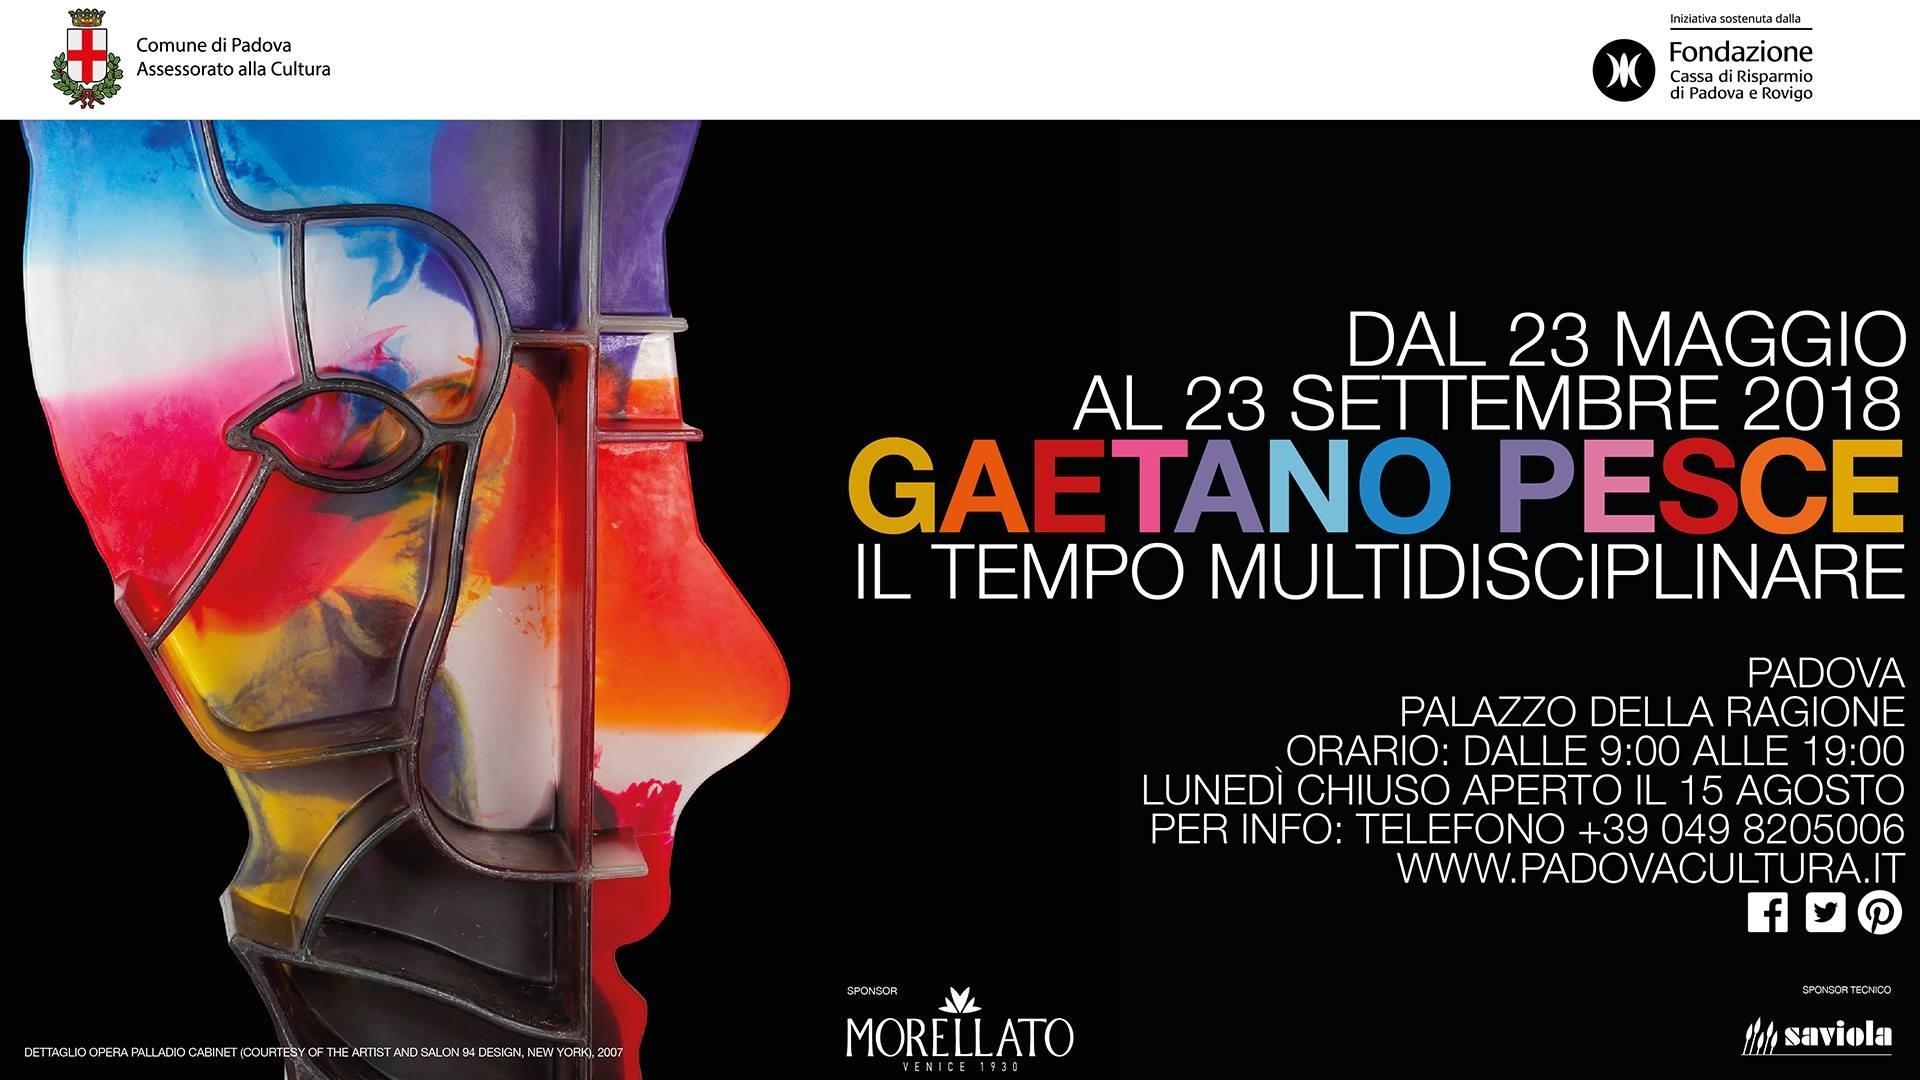 Padova, grande mostra retrospettiva dedicata a Gaetano Pesce: Il tempo multidisciplinare